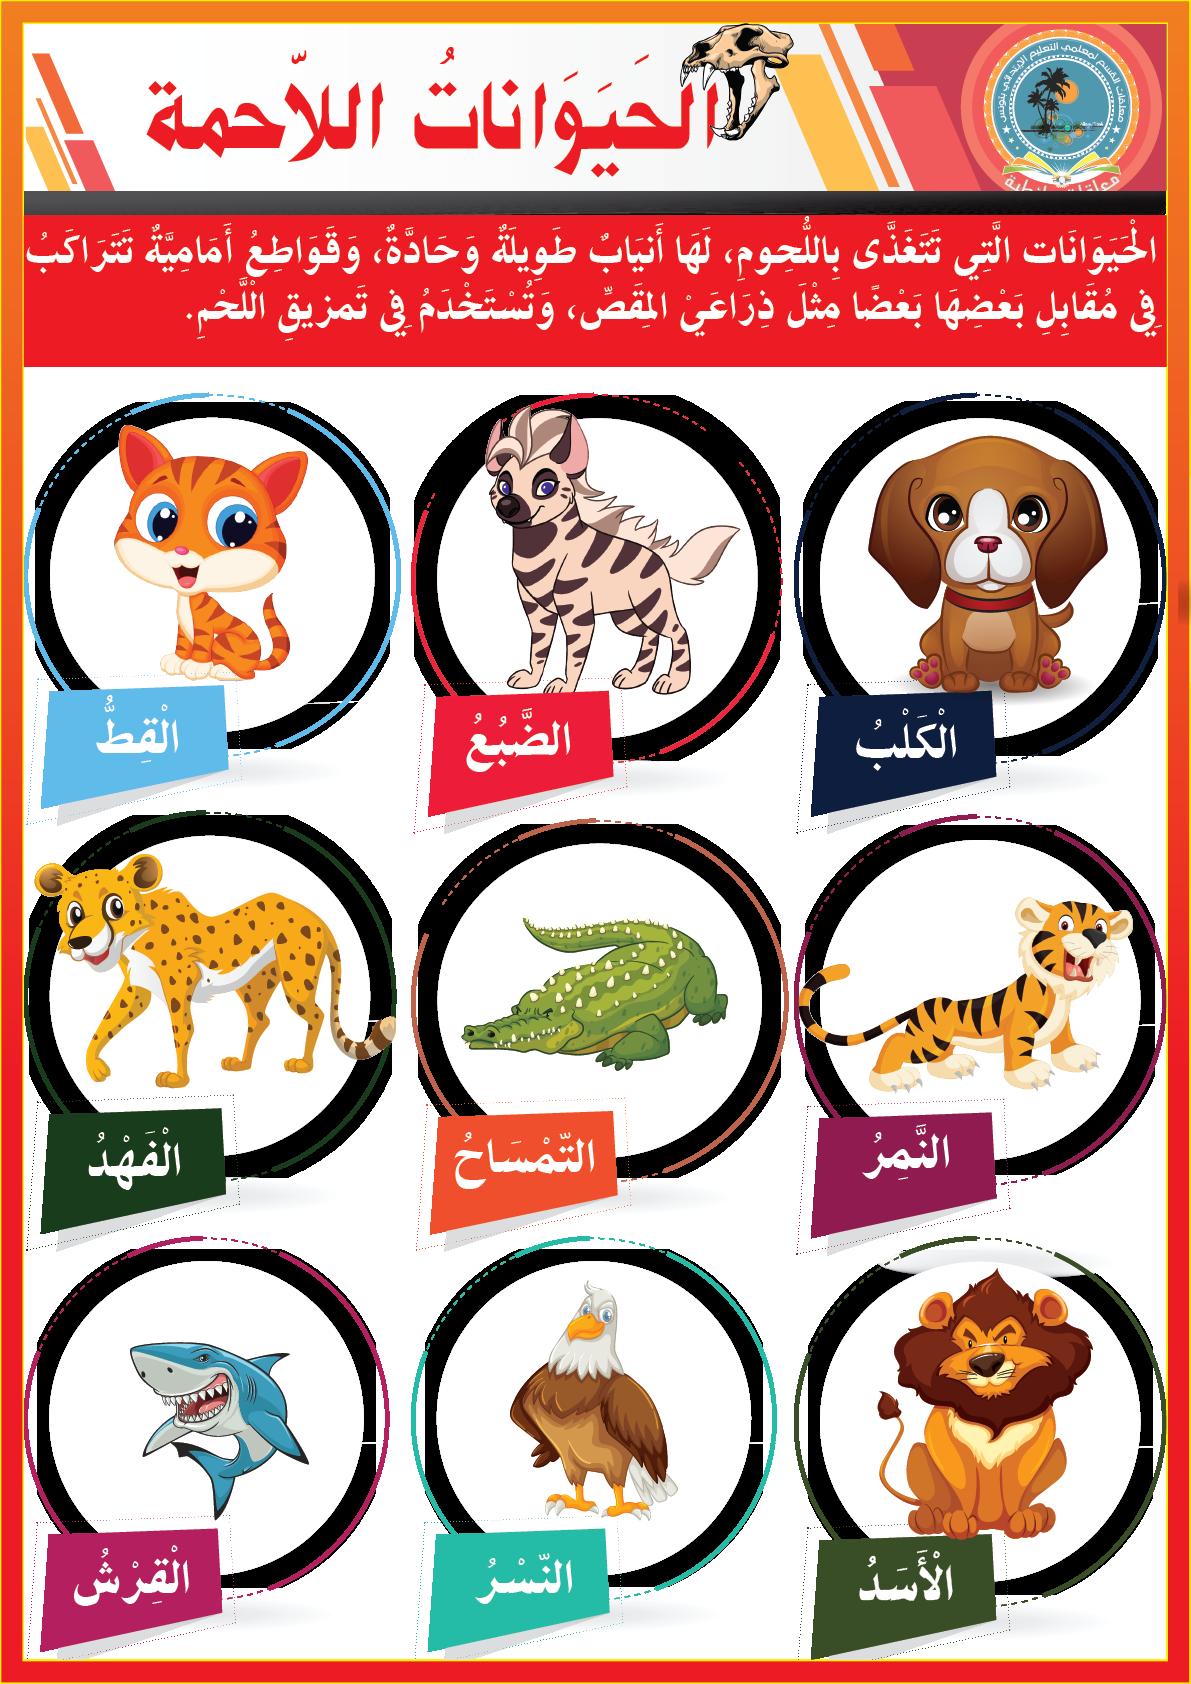 الحيوانات اللاحمة Learning Arabic Arabic Kids Arabic Alphabet